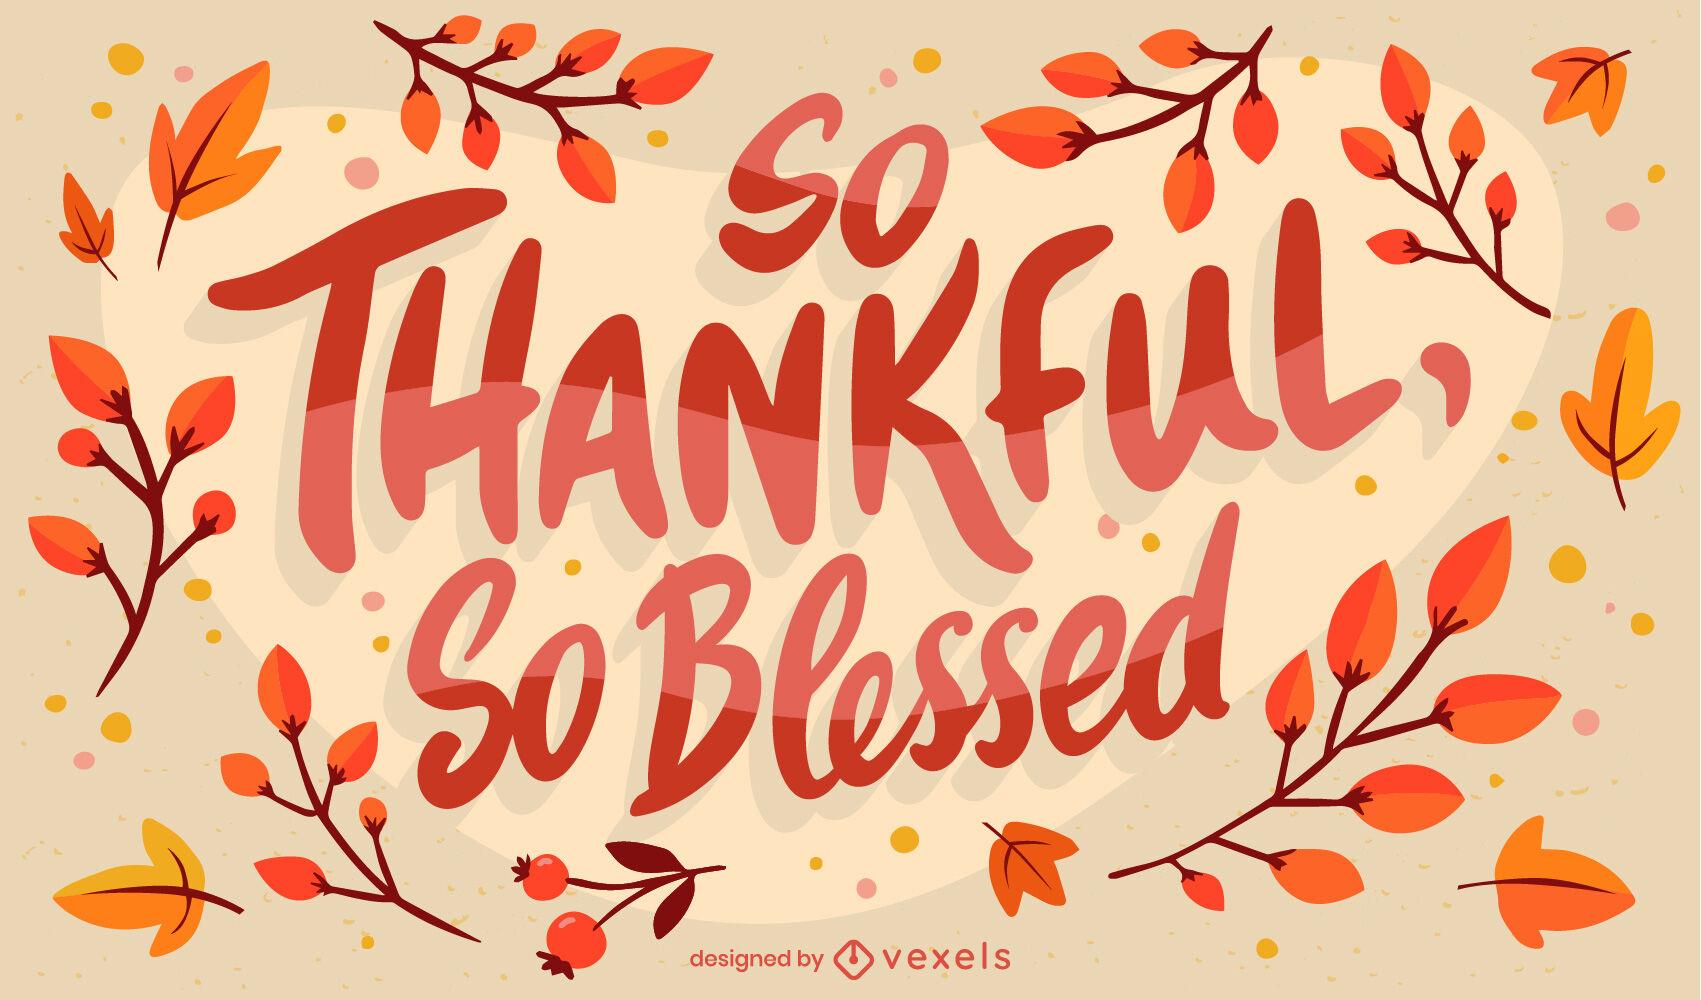 Diseño de letras de cita agradecida de acción de gracias